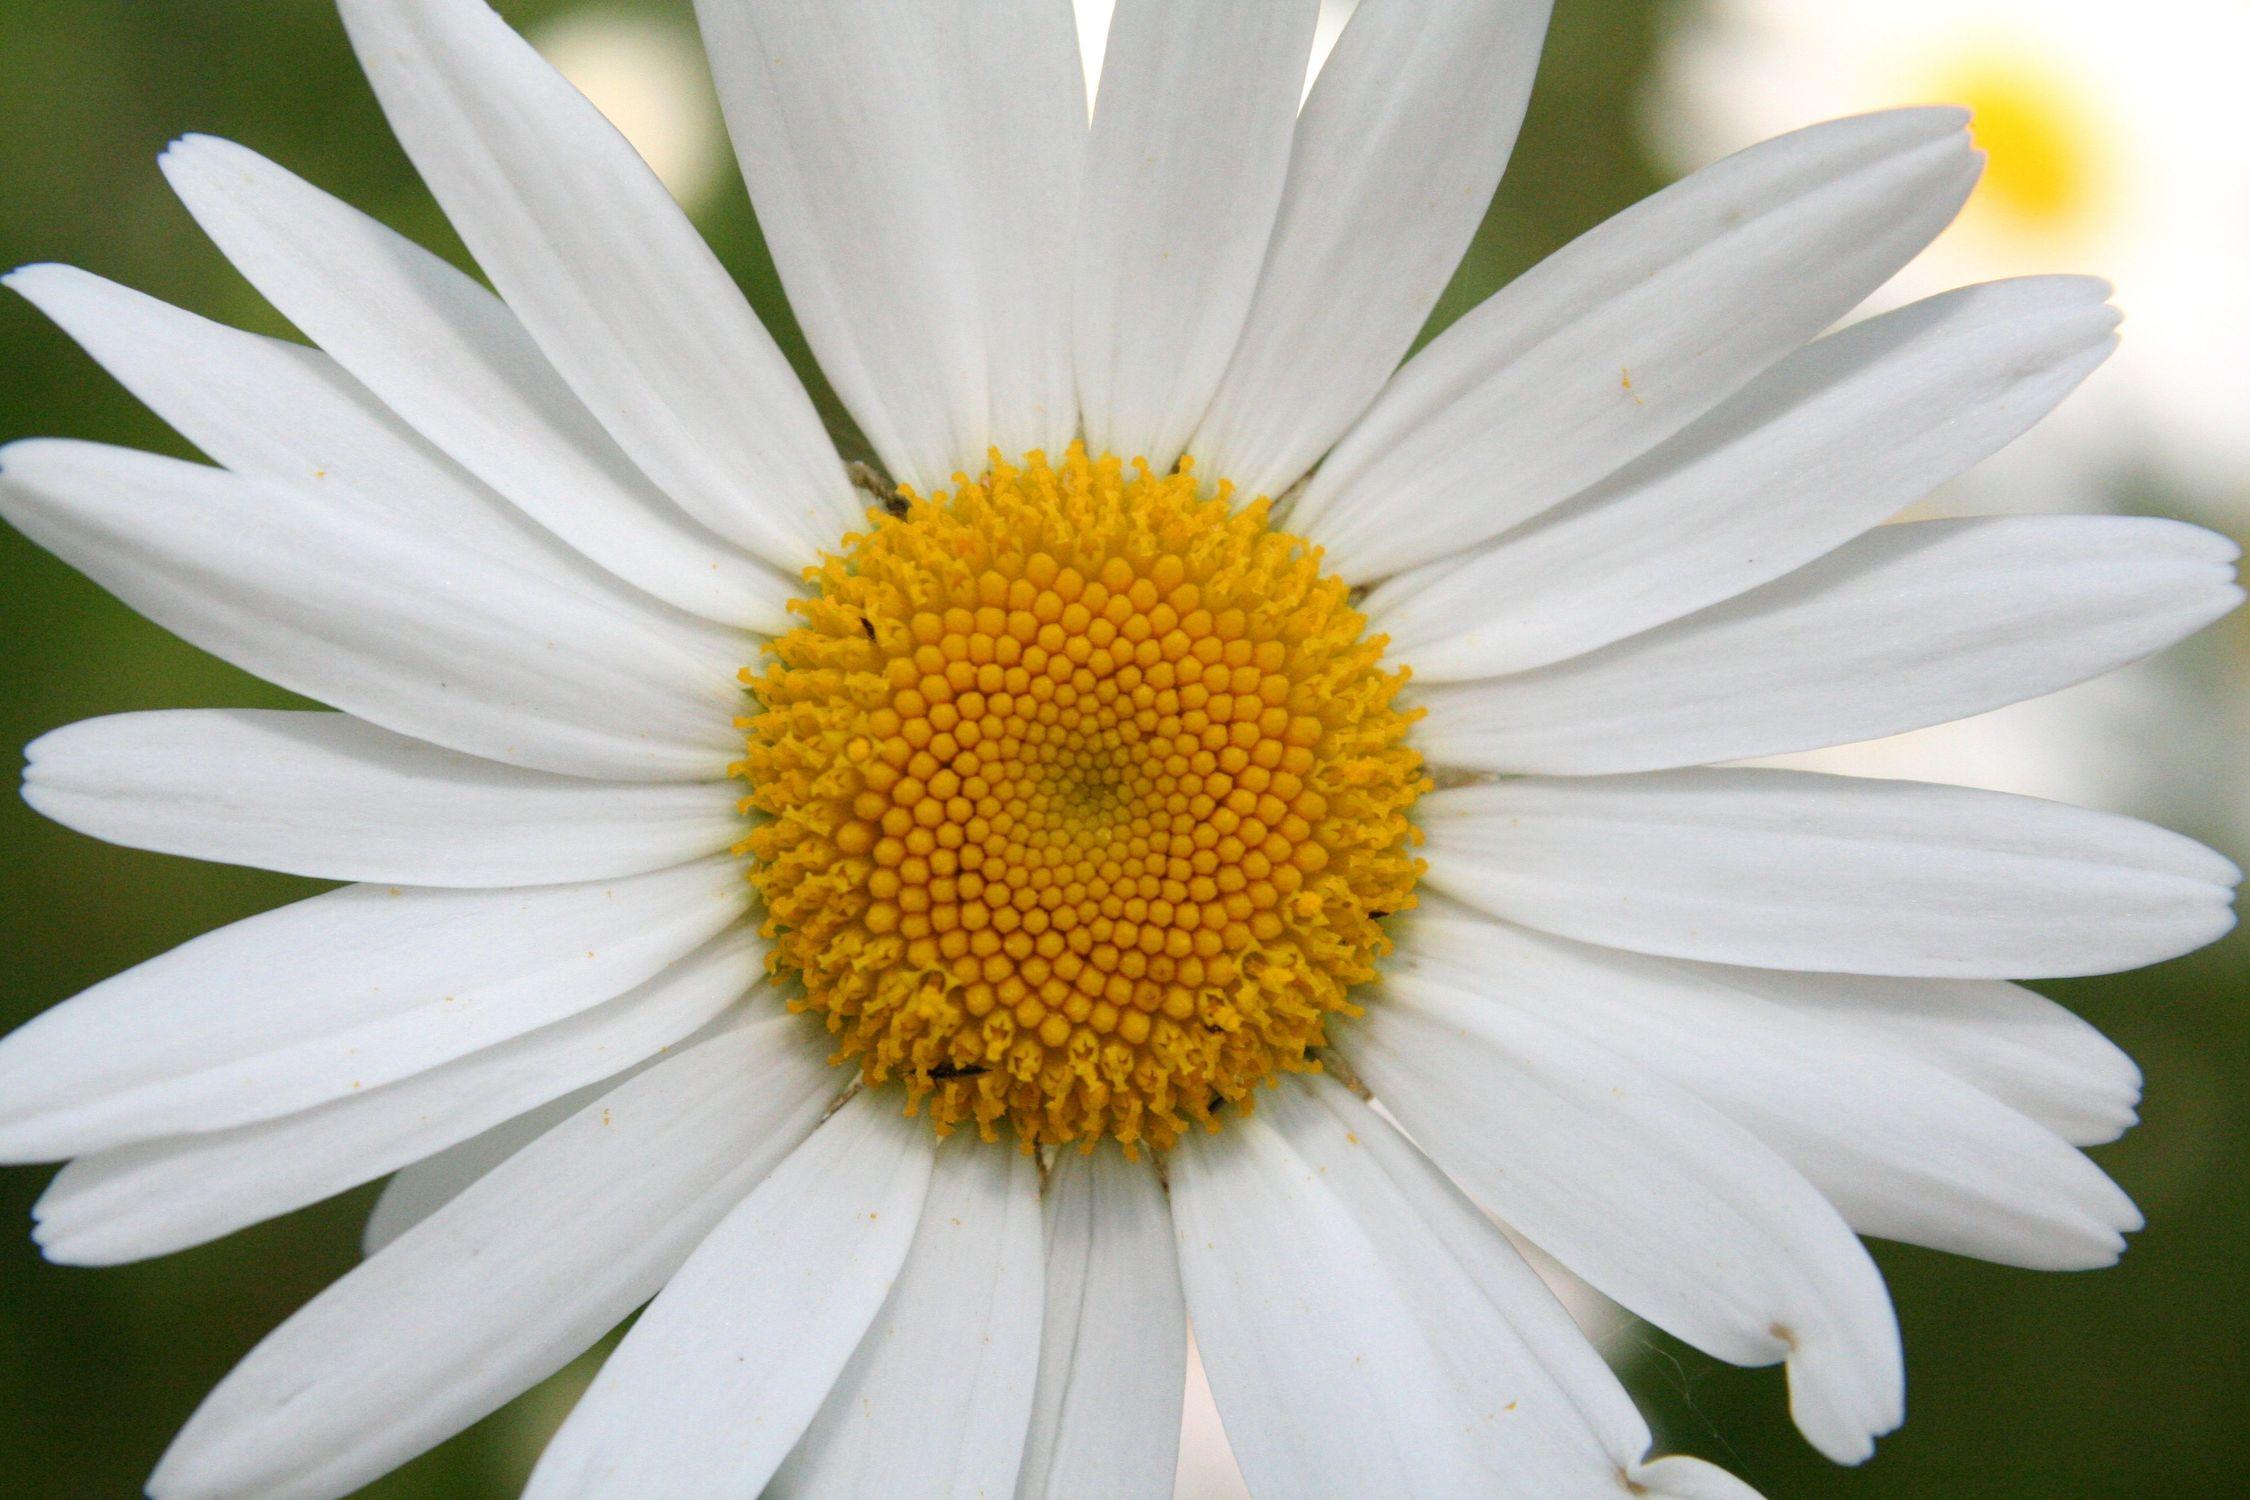 Bild mit Farben, Gelb, Natur, Pflanzen, Blumen, Weiß, Korbblütler, Gerberas, Kamillen, Kräuter, Minze